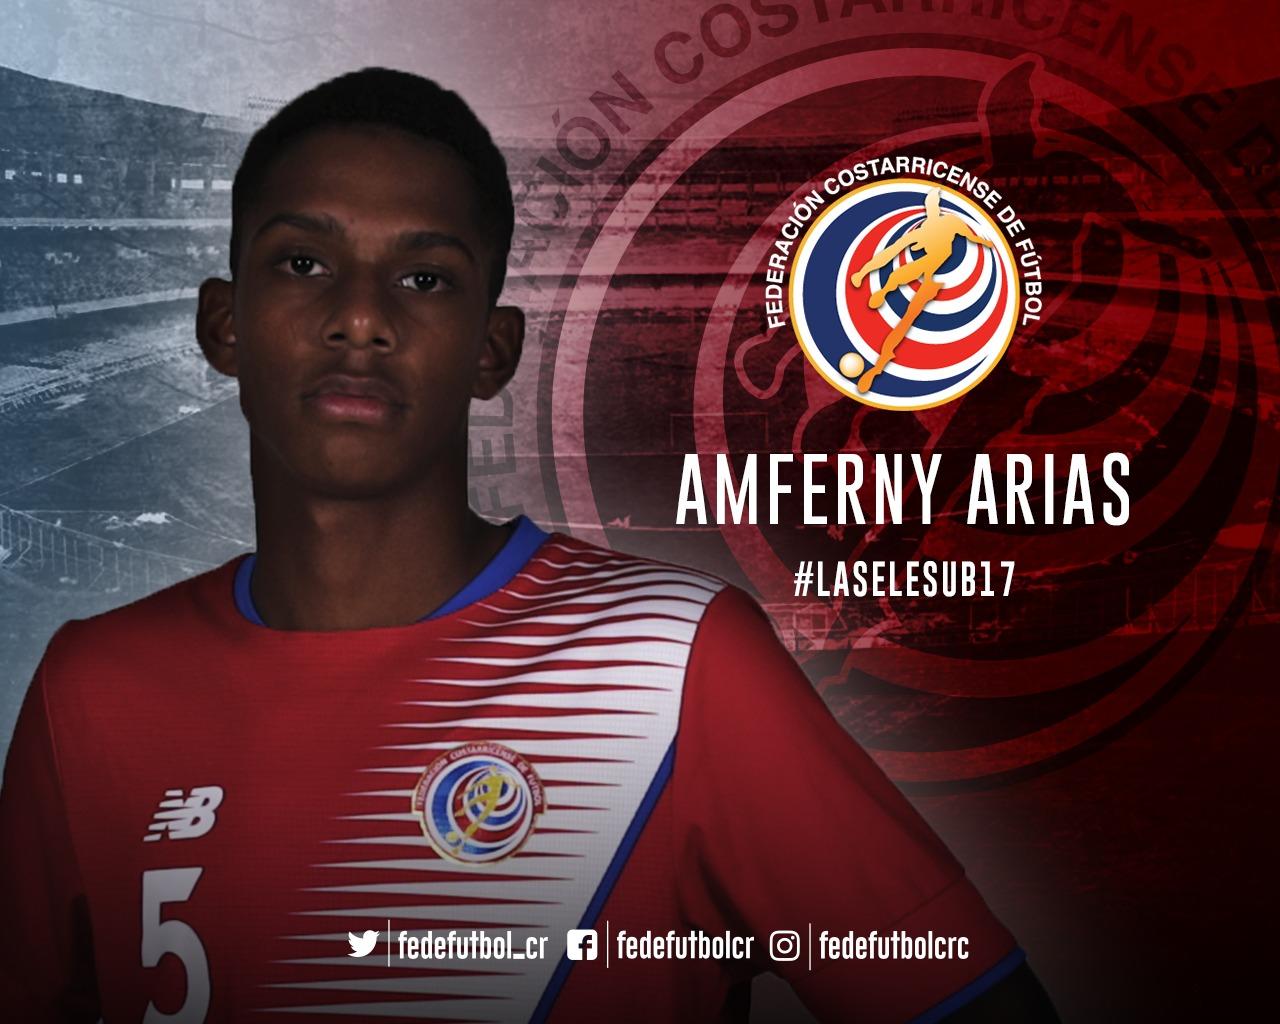 ¿Quién es Amferny Arias?